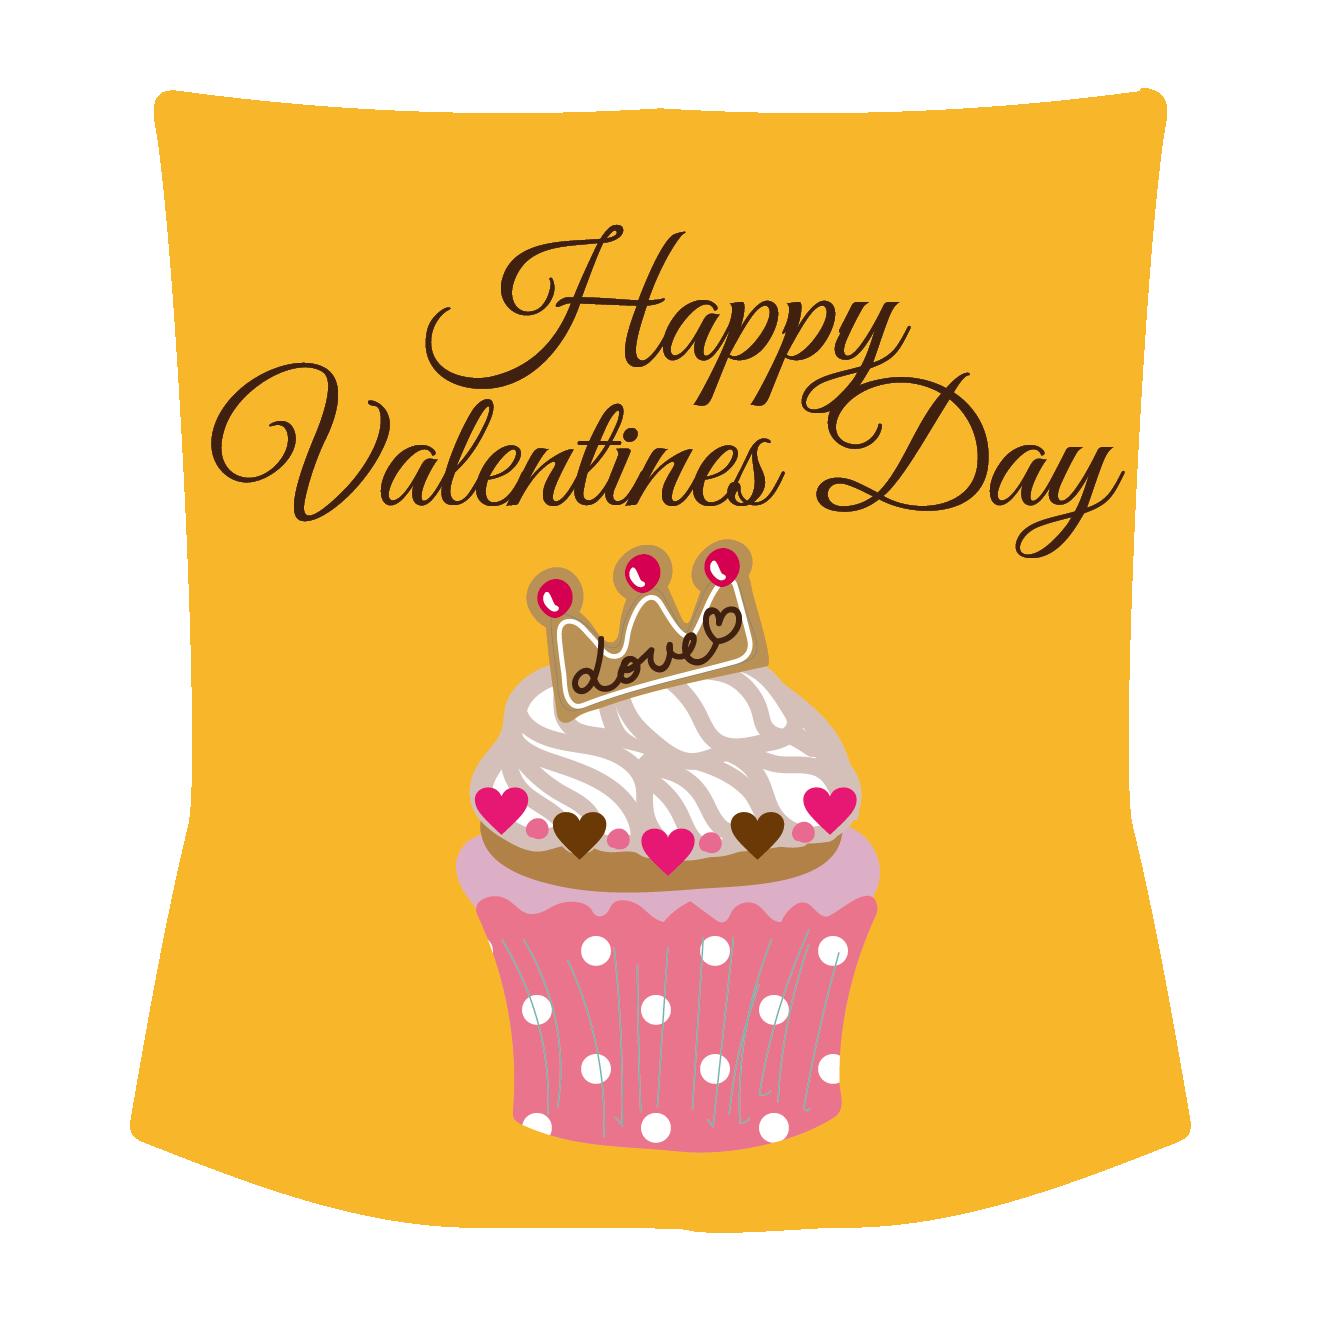 バレンタインデー ハートのカップケーキイラスト | 商用フリー(無料)の